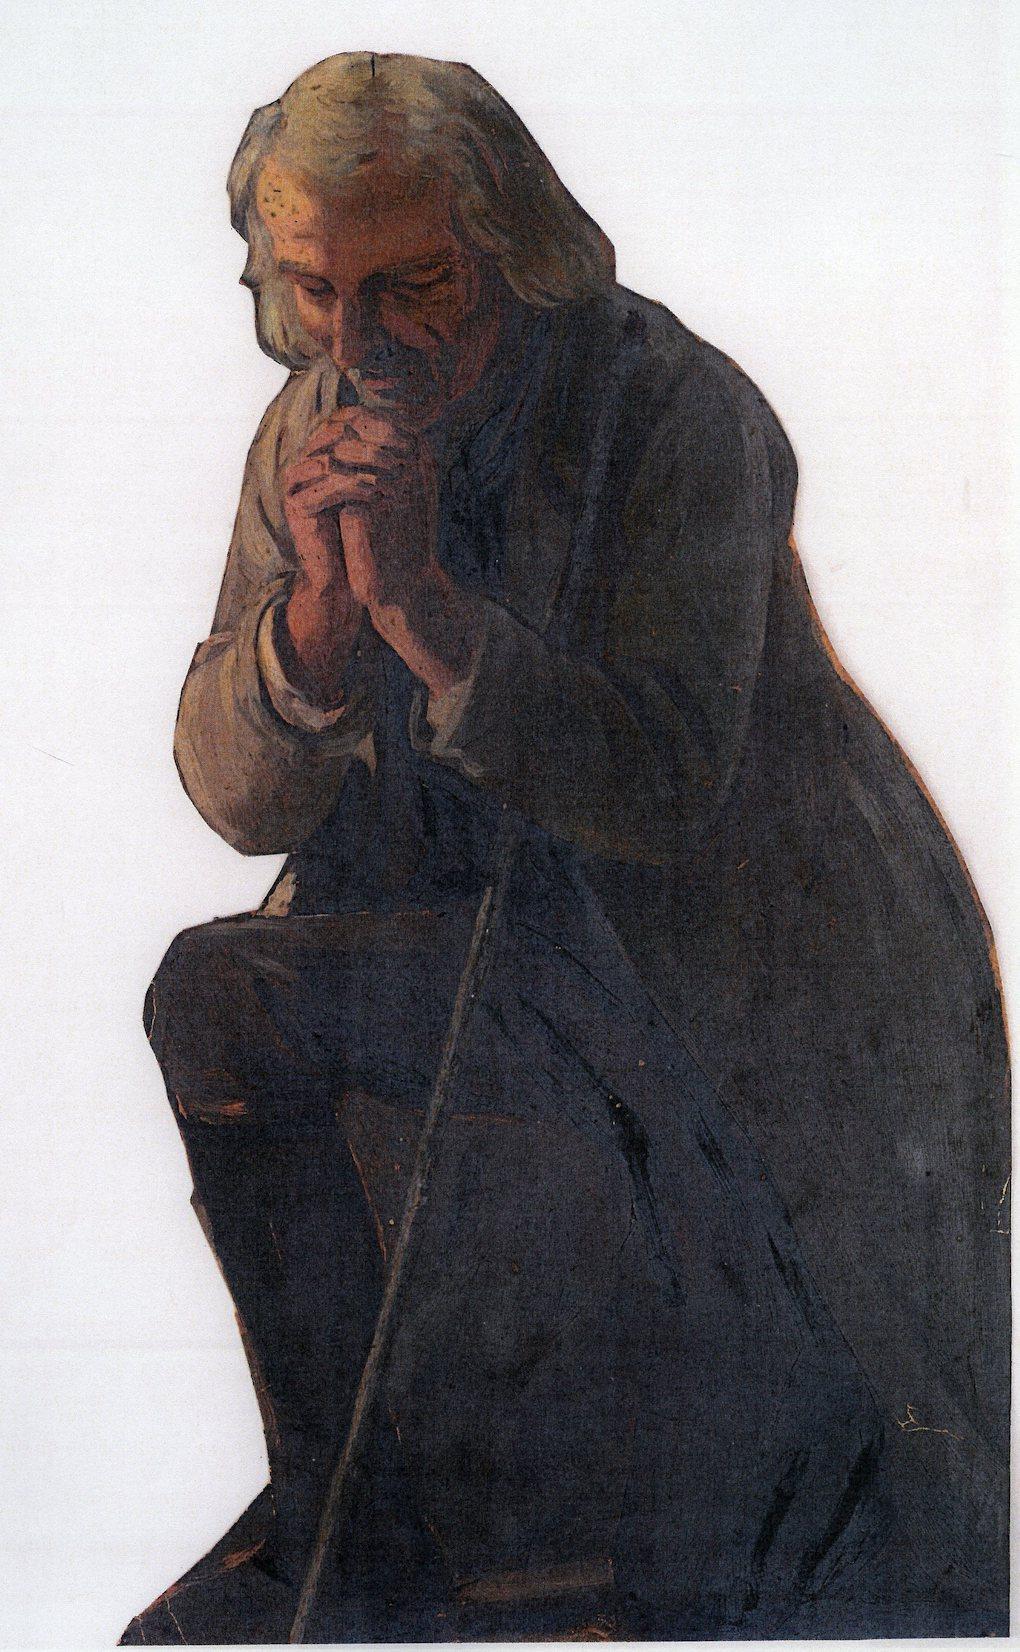 Ludwig Most, Modlący się pasterz, 1851, studium postaci do obrazu Wieczorna modlitwa czeskich chłopów, olej na papierze, Muzeum Narodowe w Szczecinie